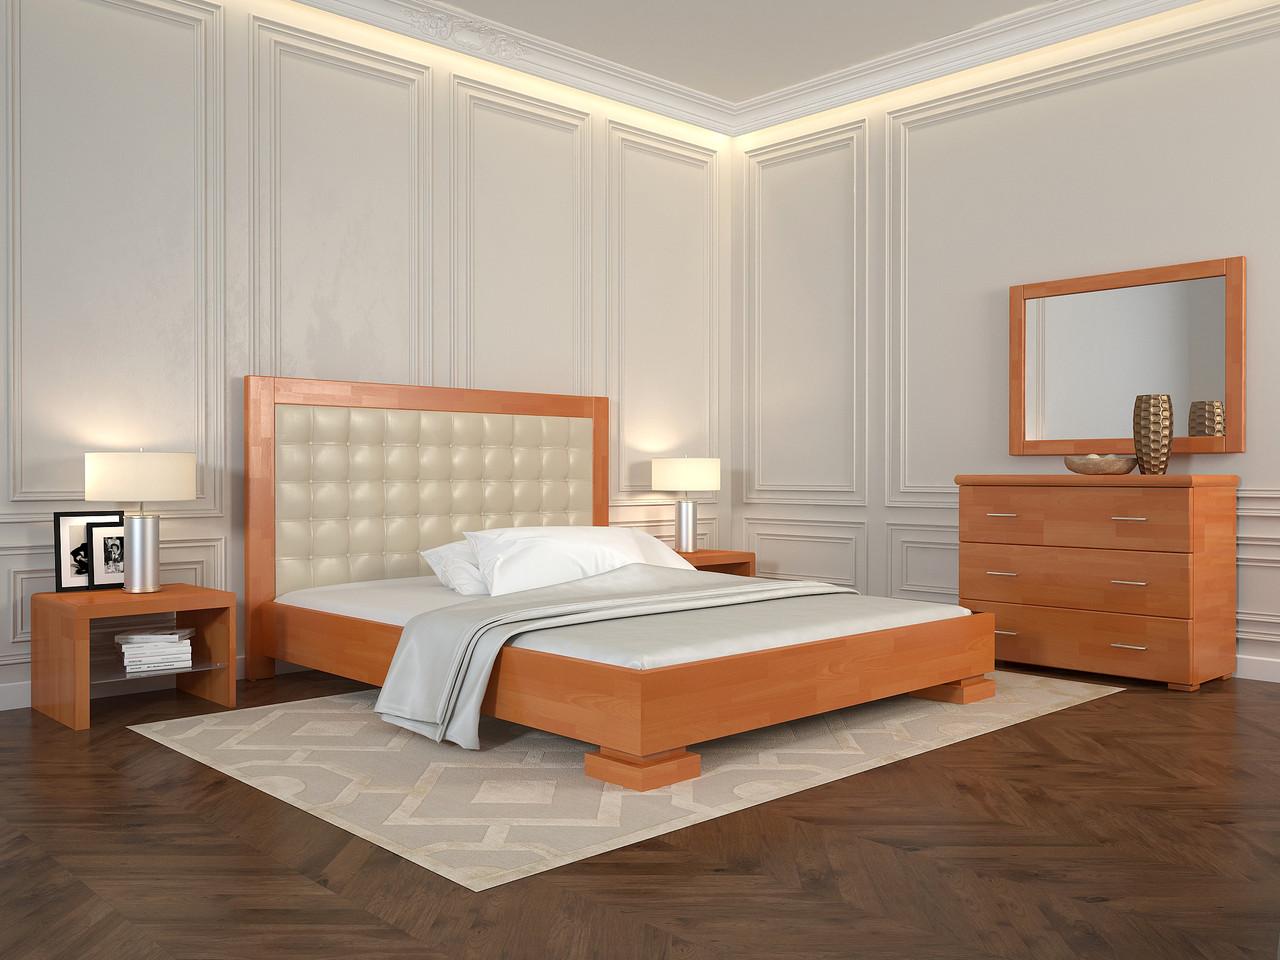 Кровать Arbordrev Подиум квадраты (180*190) сосна